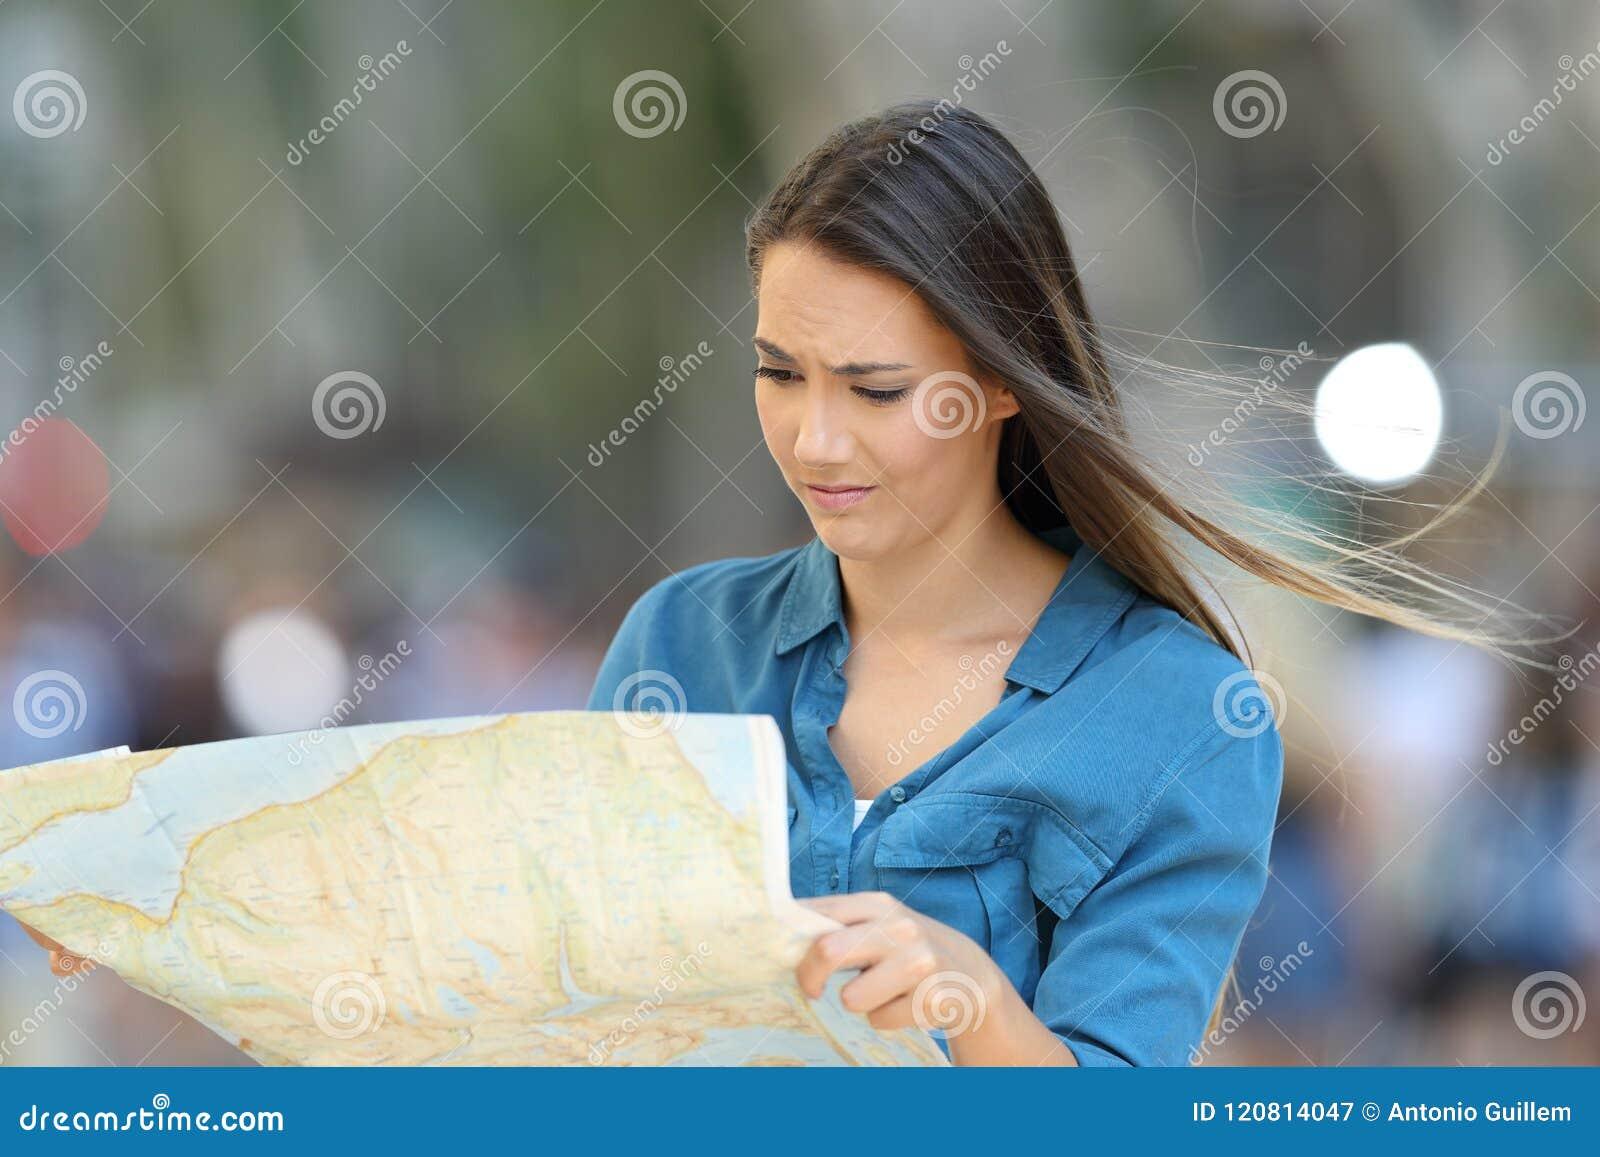 Turista perdido confuso que lee un mapa que busca la ubicación